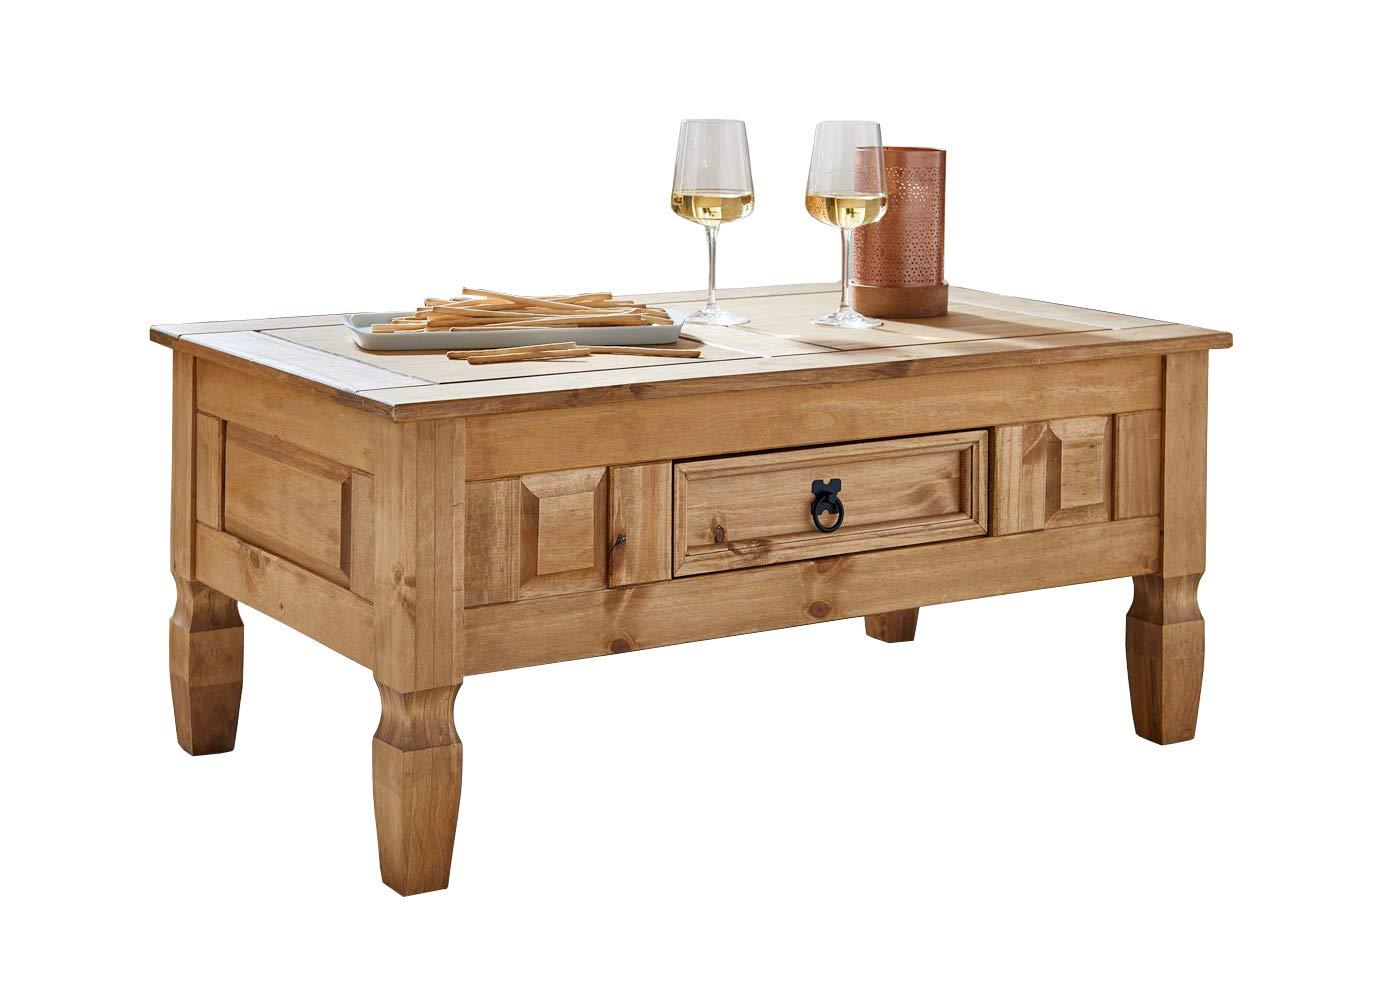 Giomoebel   Holz-Couchtisch   Wohnzimmer-Tisch   mit Schubfach   massives Kiefernholz   100 x 60 cm   AARGAU